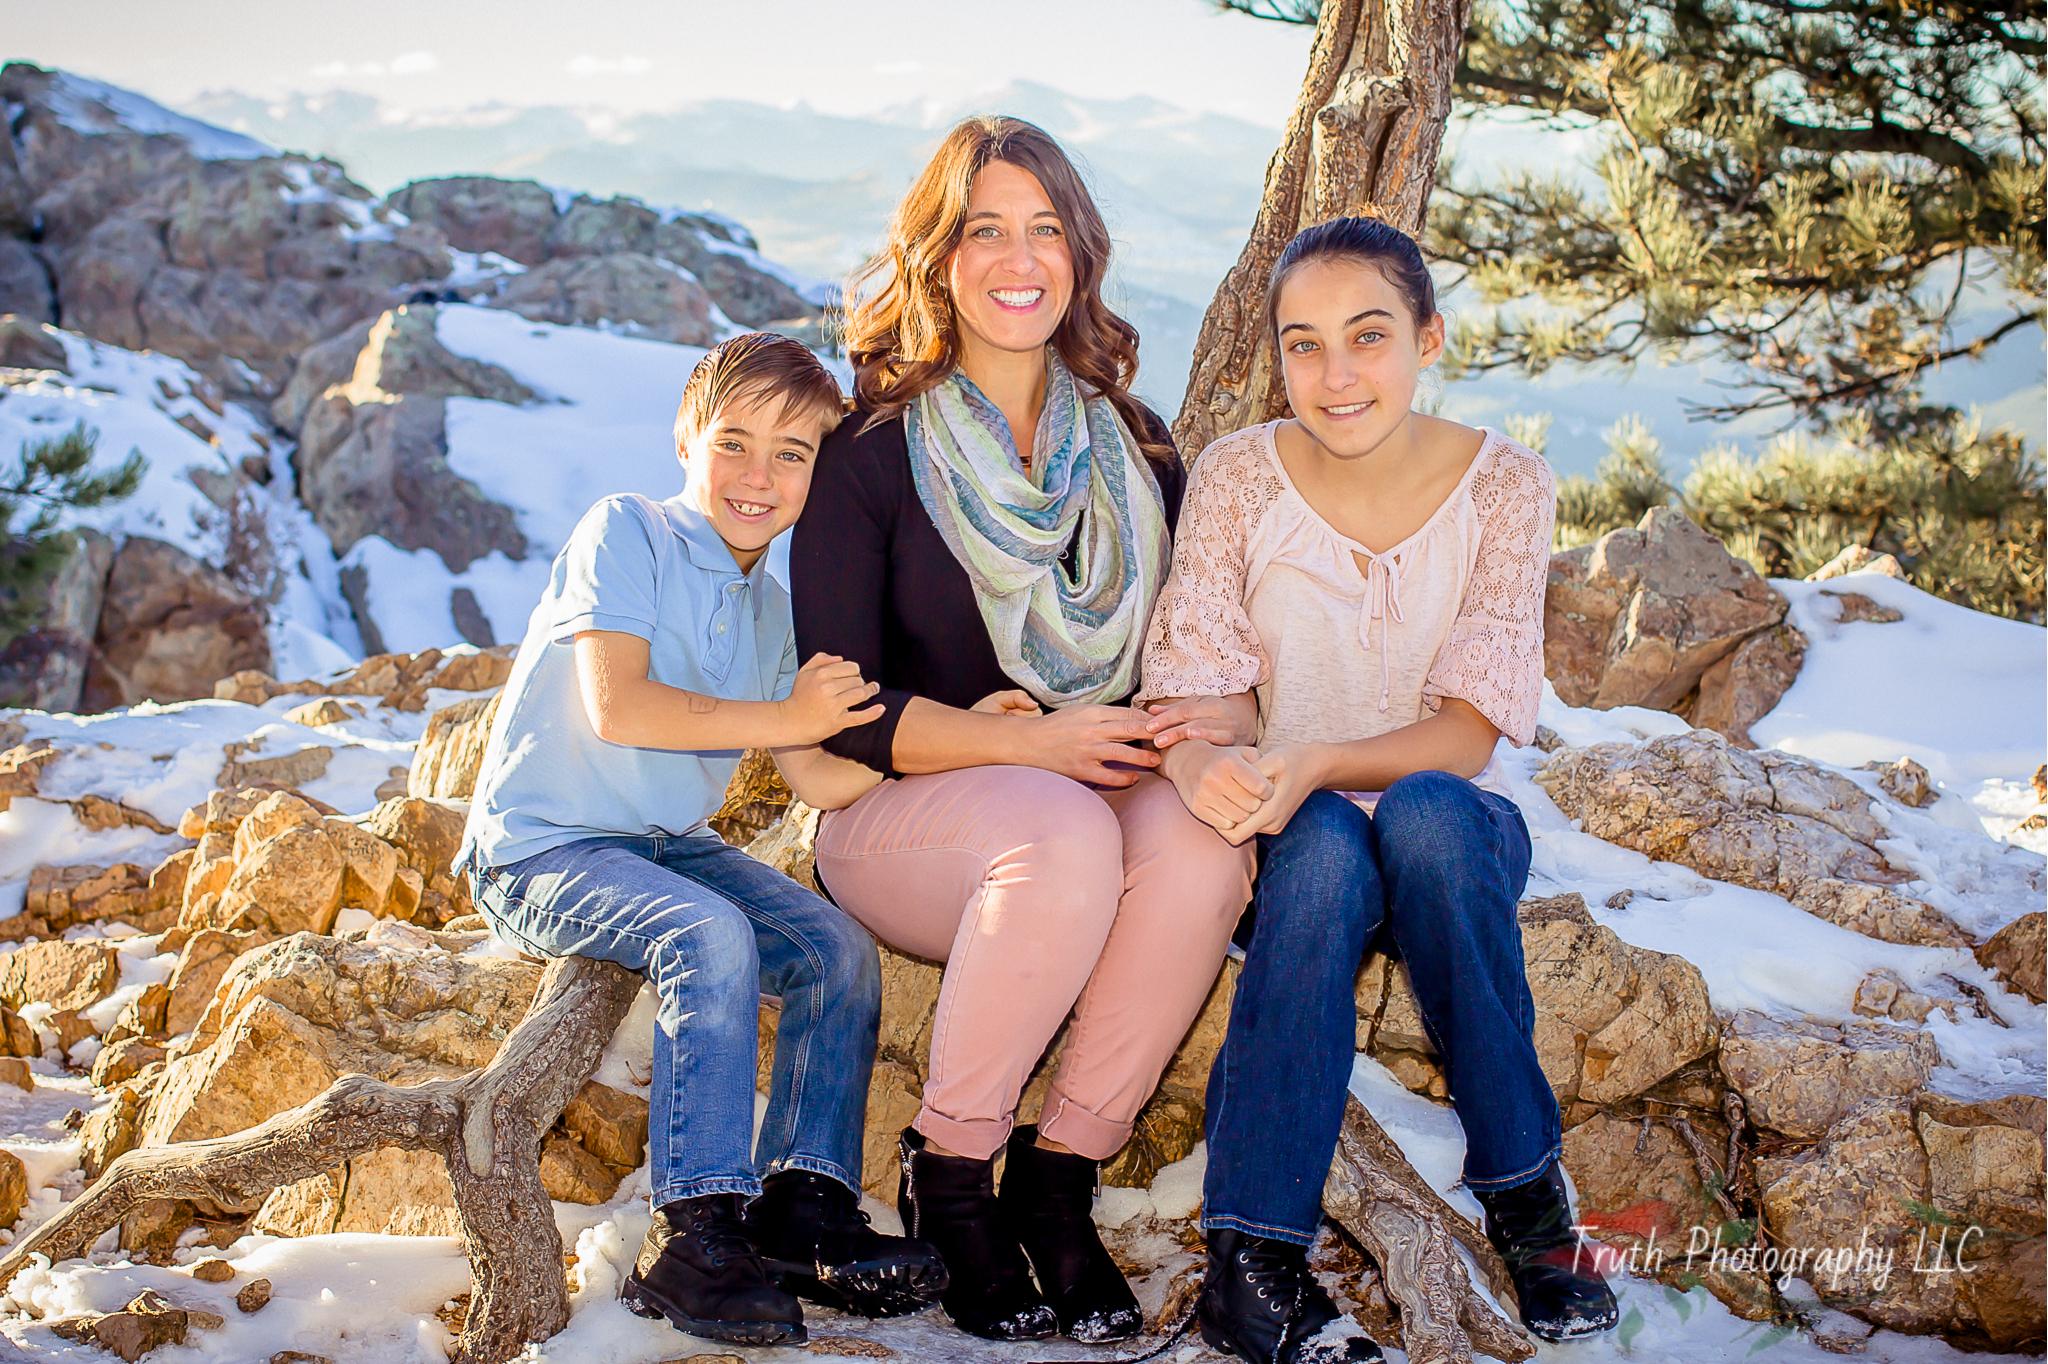 Truth-Photography-Colorado-Mountain-family-photos.jpg